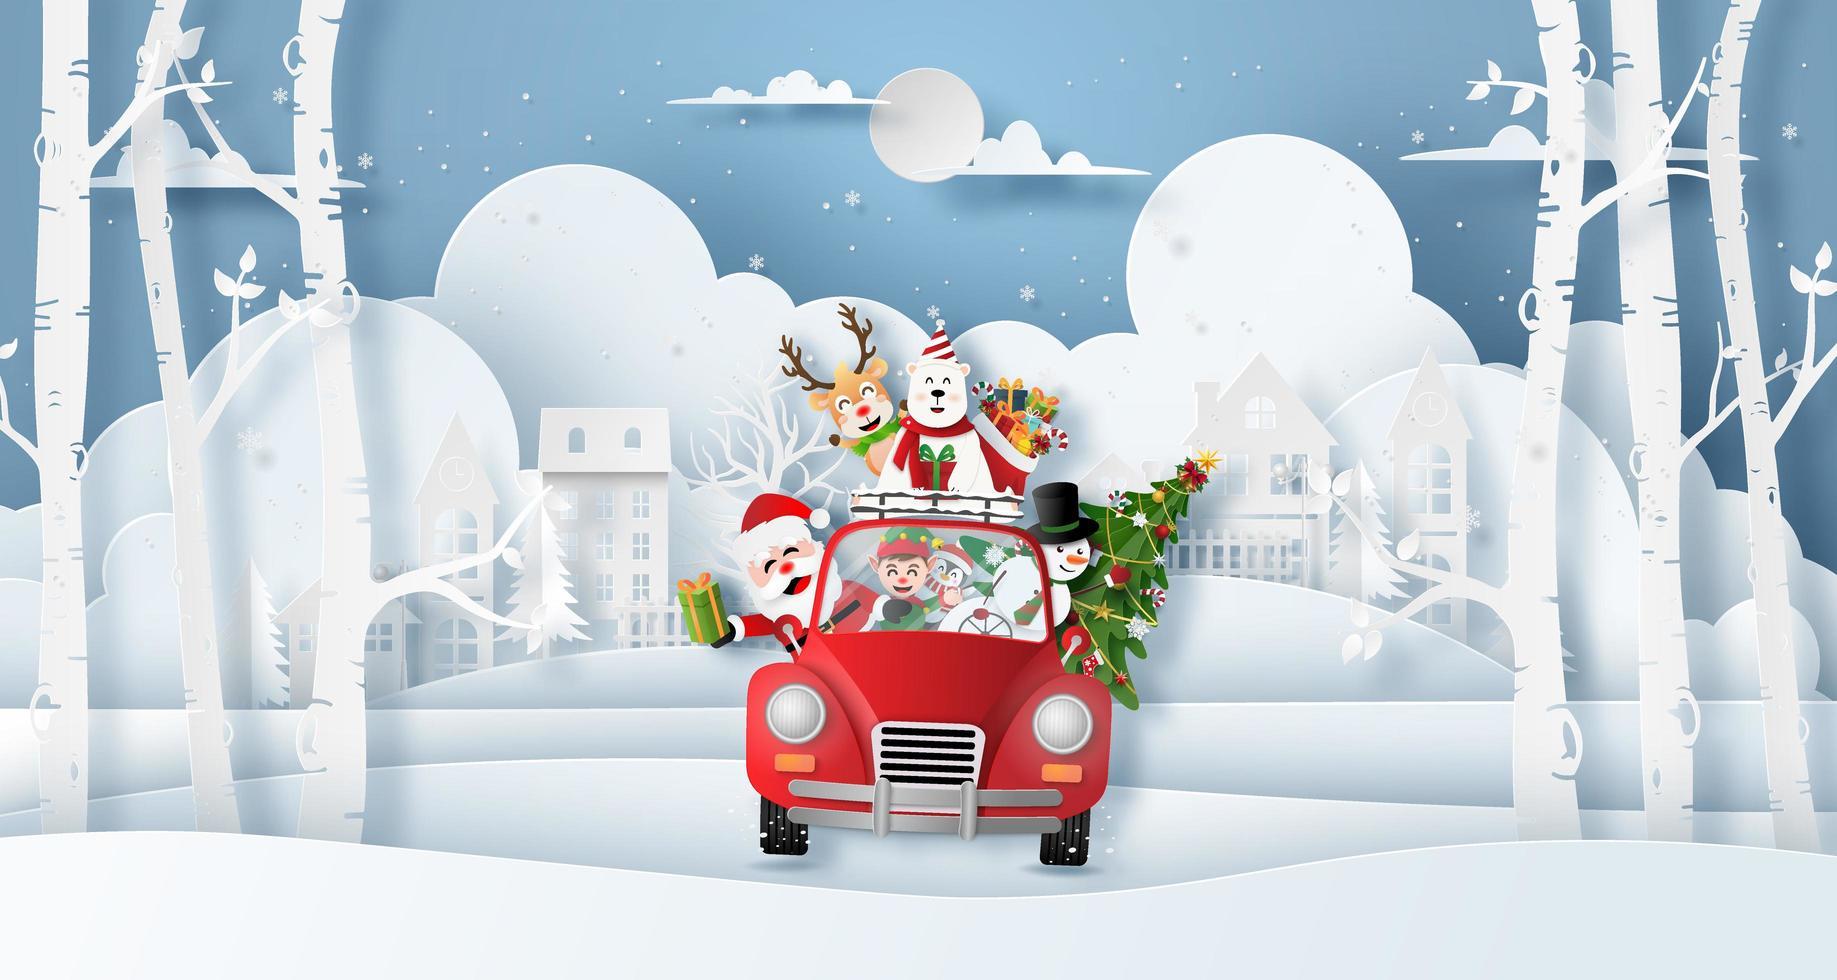 Kerst vrienden met santa in auto kerstdorp verkennen vector